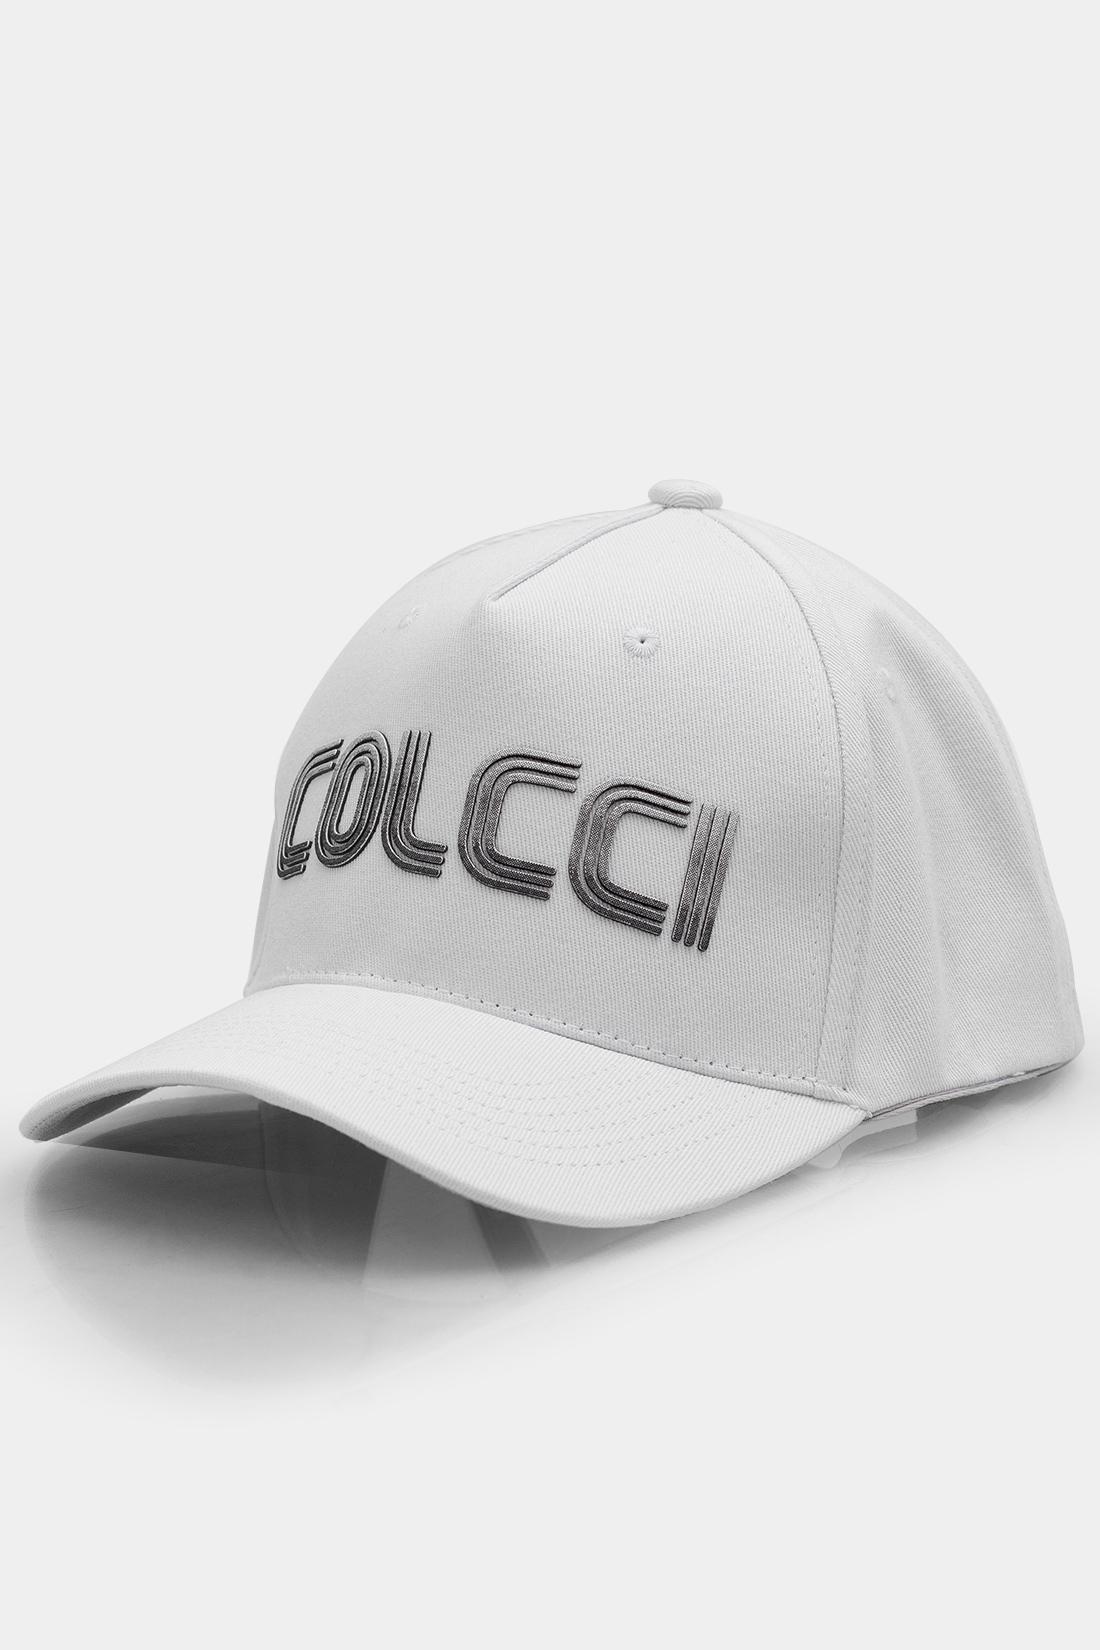 Bone Colcci Logo